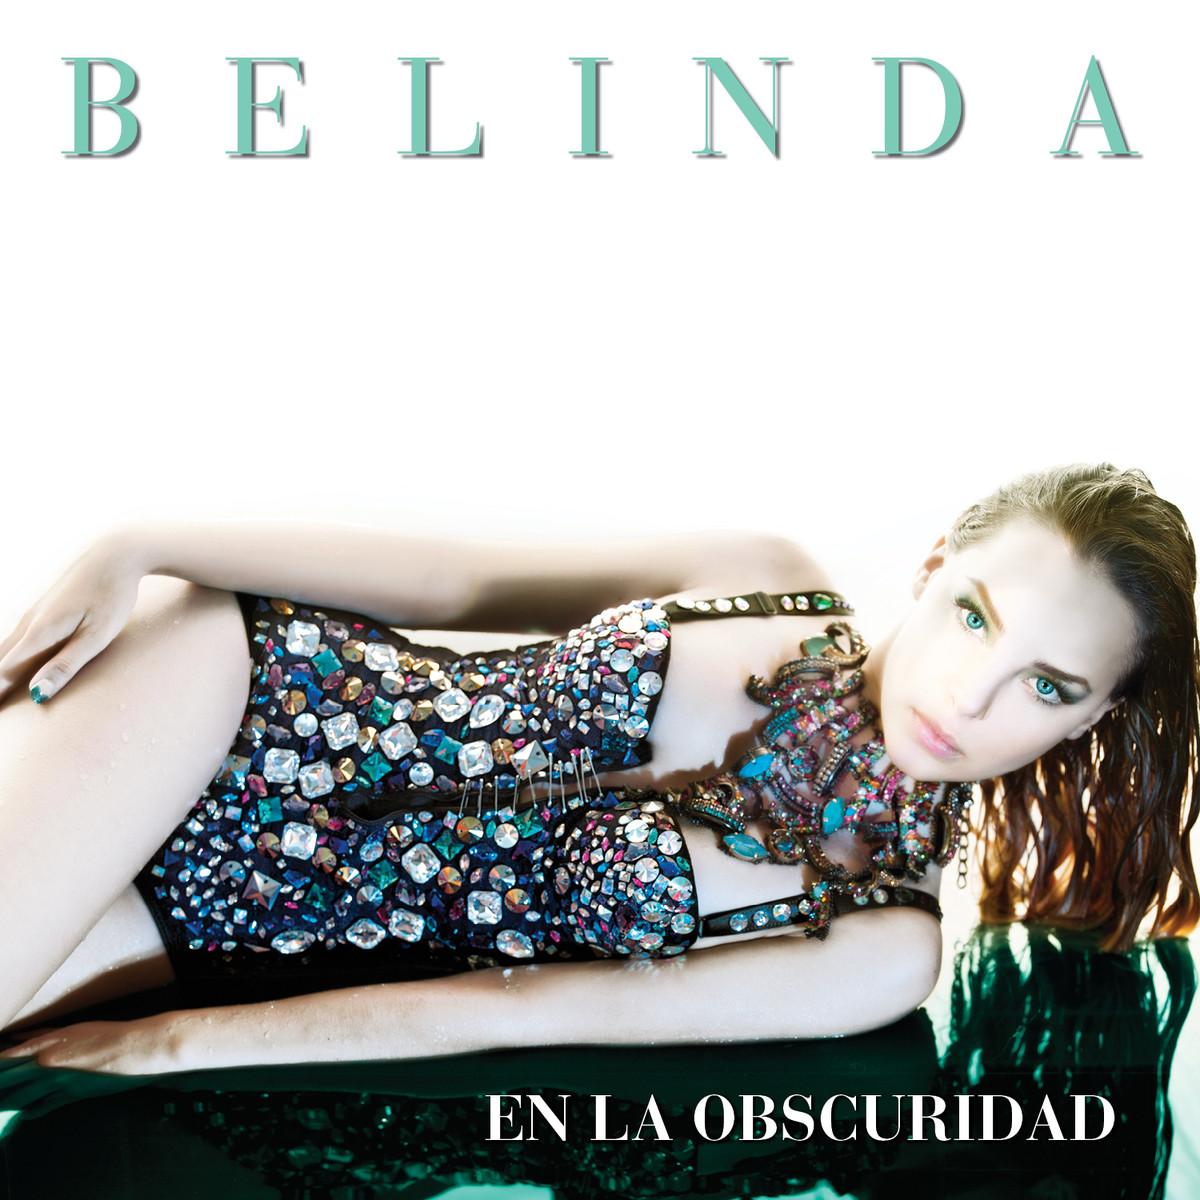 Belinda-En-La-Obscuridad-2013-1200x1200